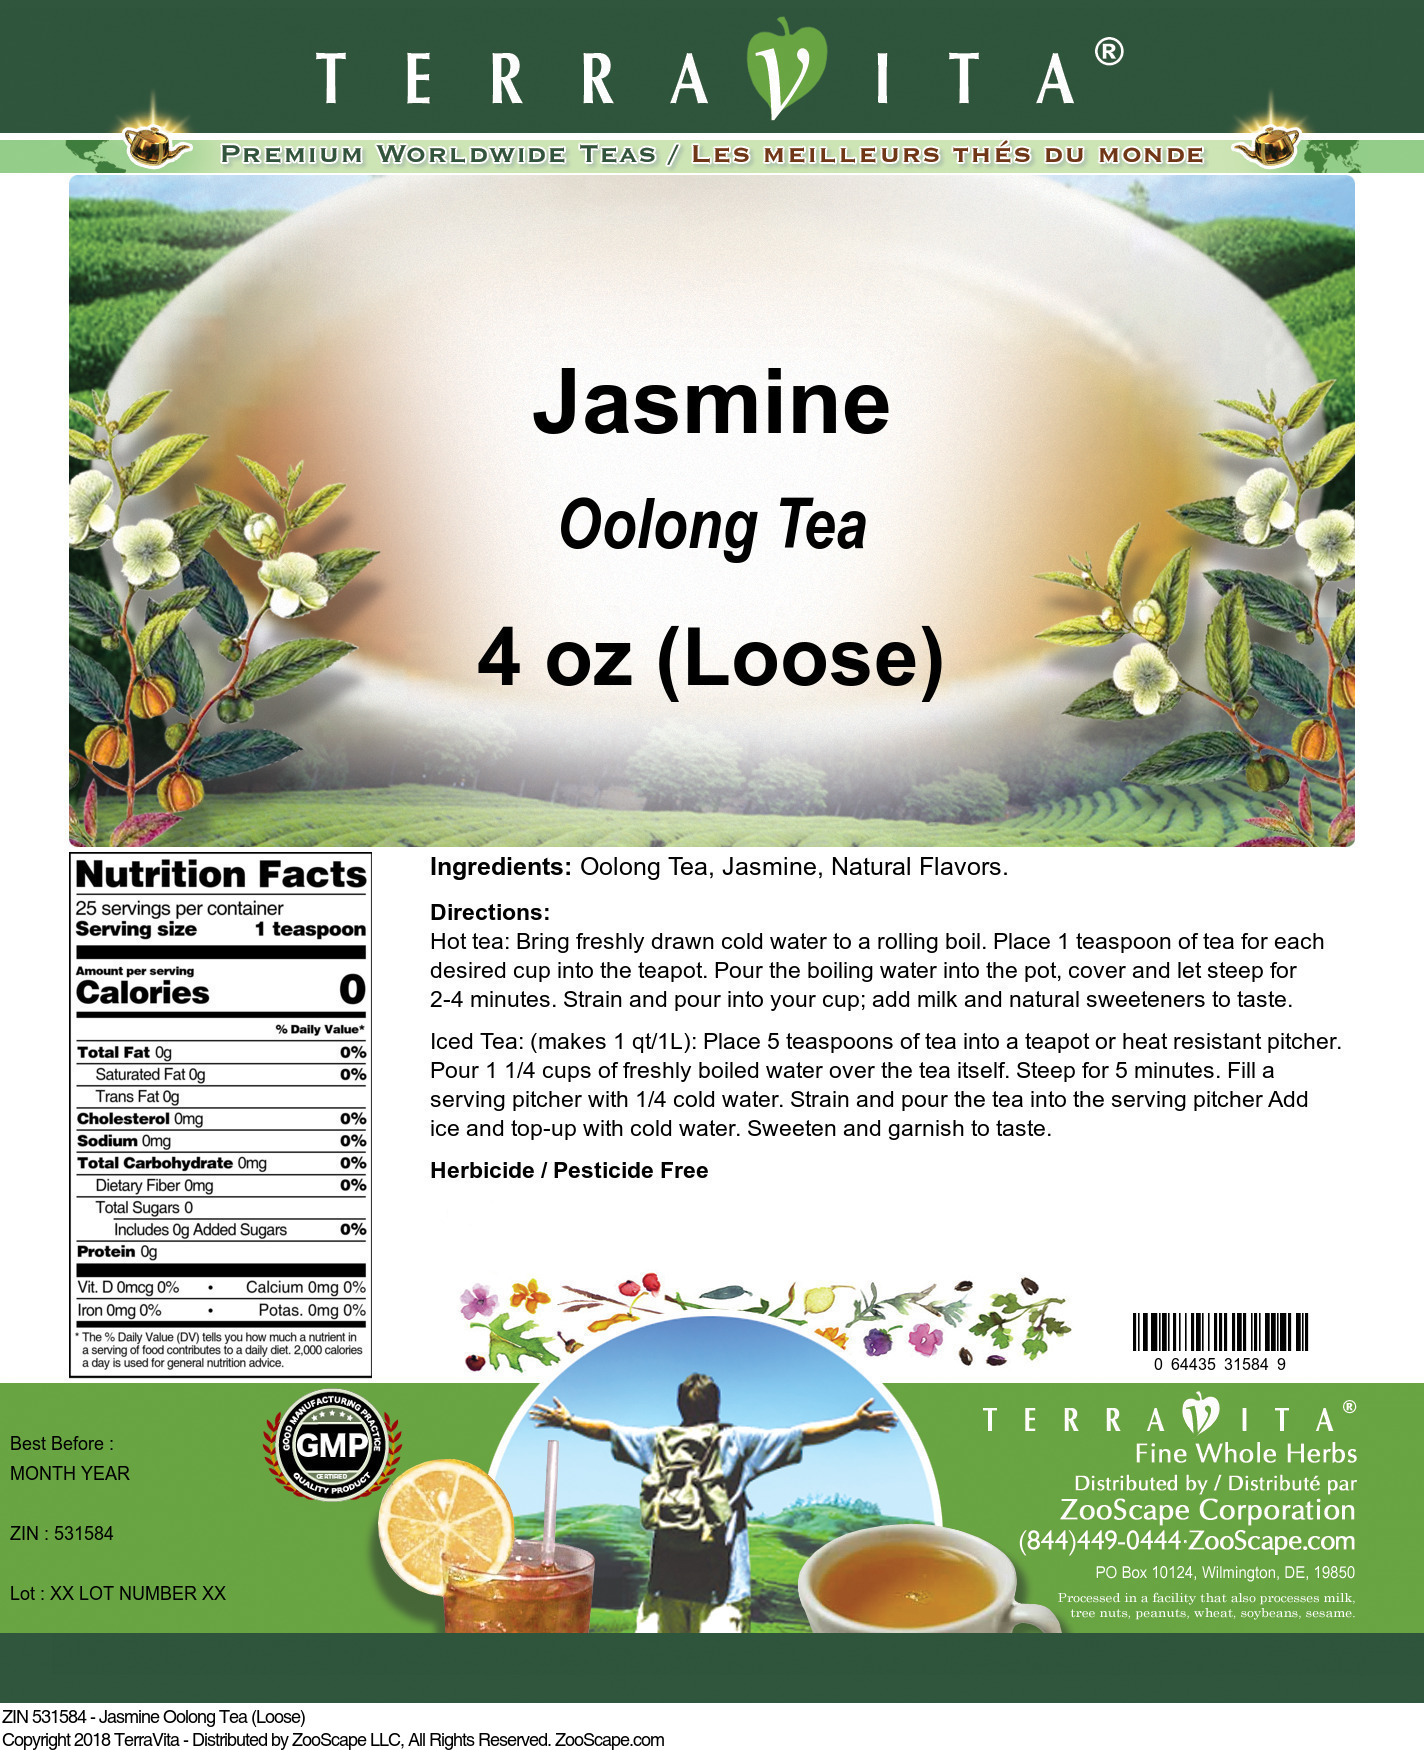 Jasmine Oolong Tea (Loose)